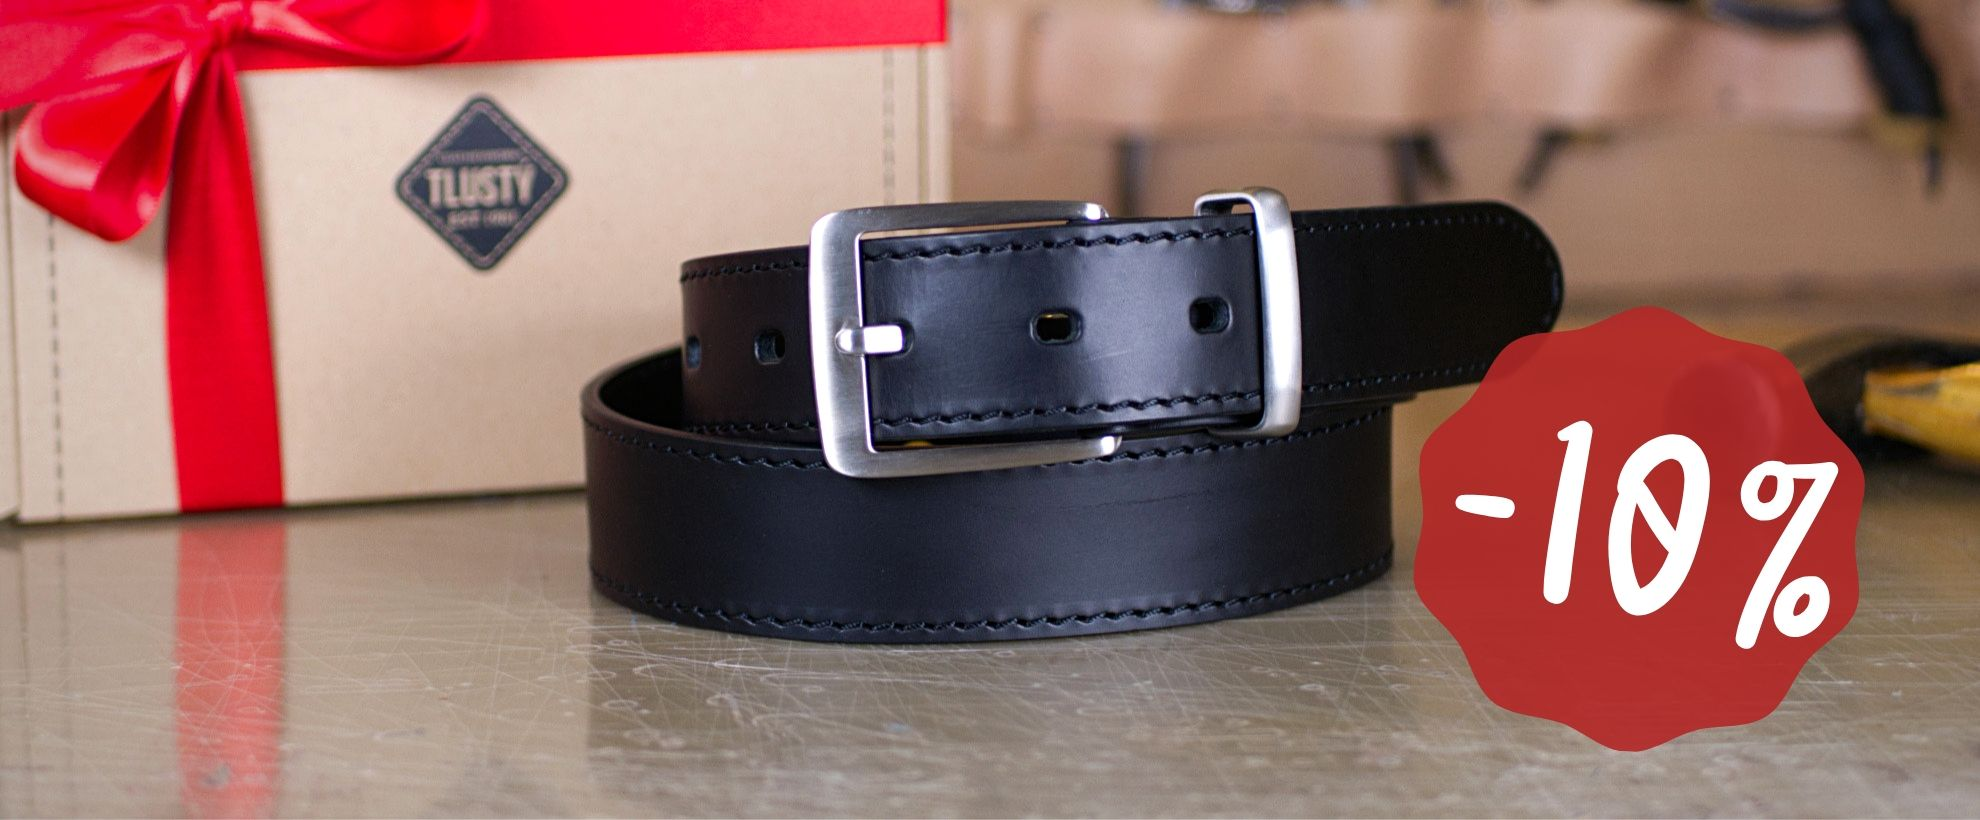 Vanoce - pouze do 17 11 - LP BANNER - 1980 x 820 px - belt classic black.jpg